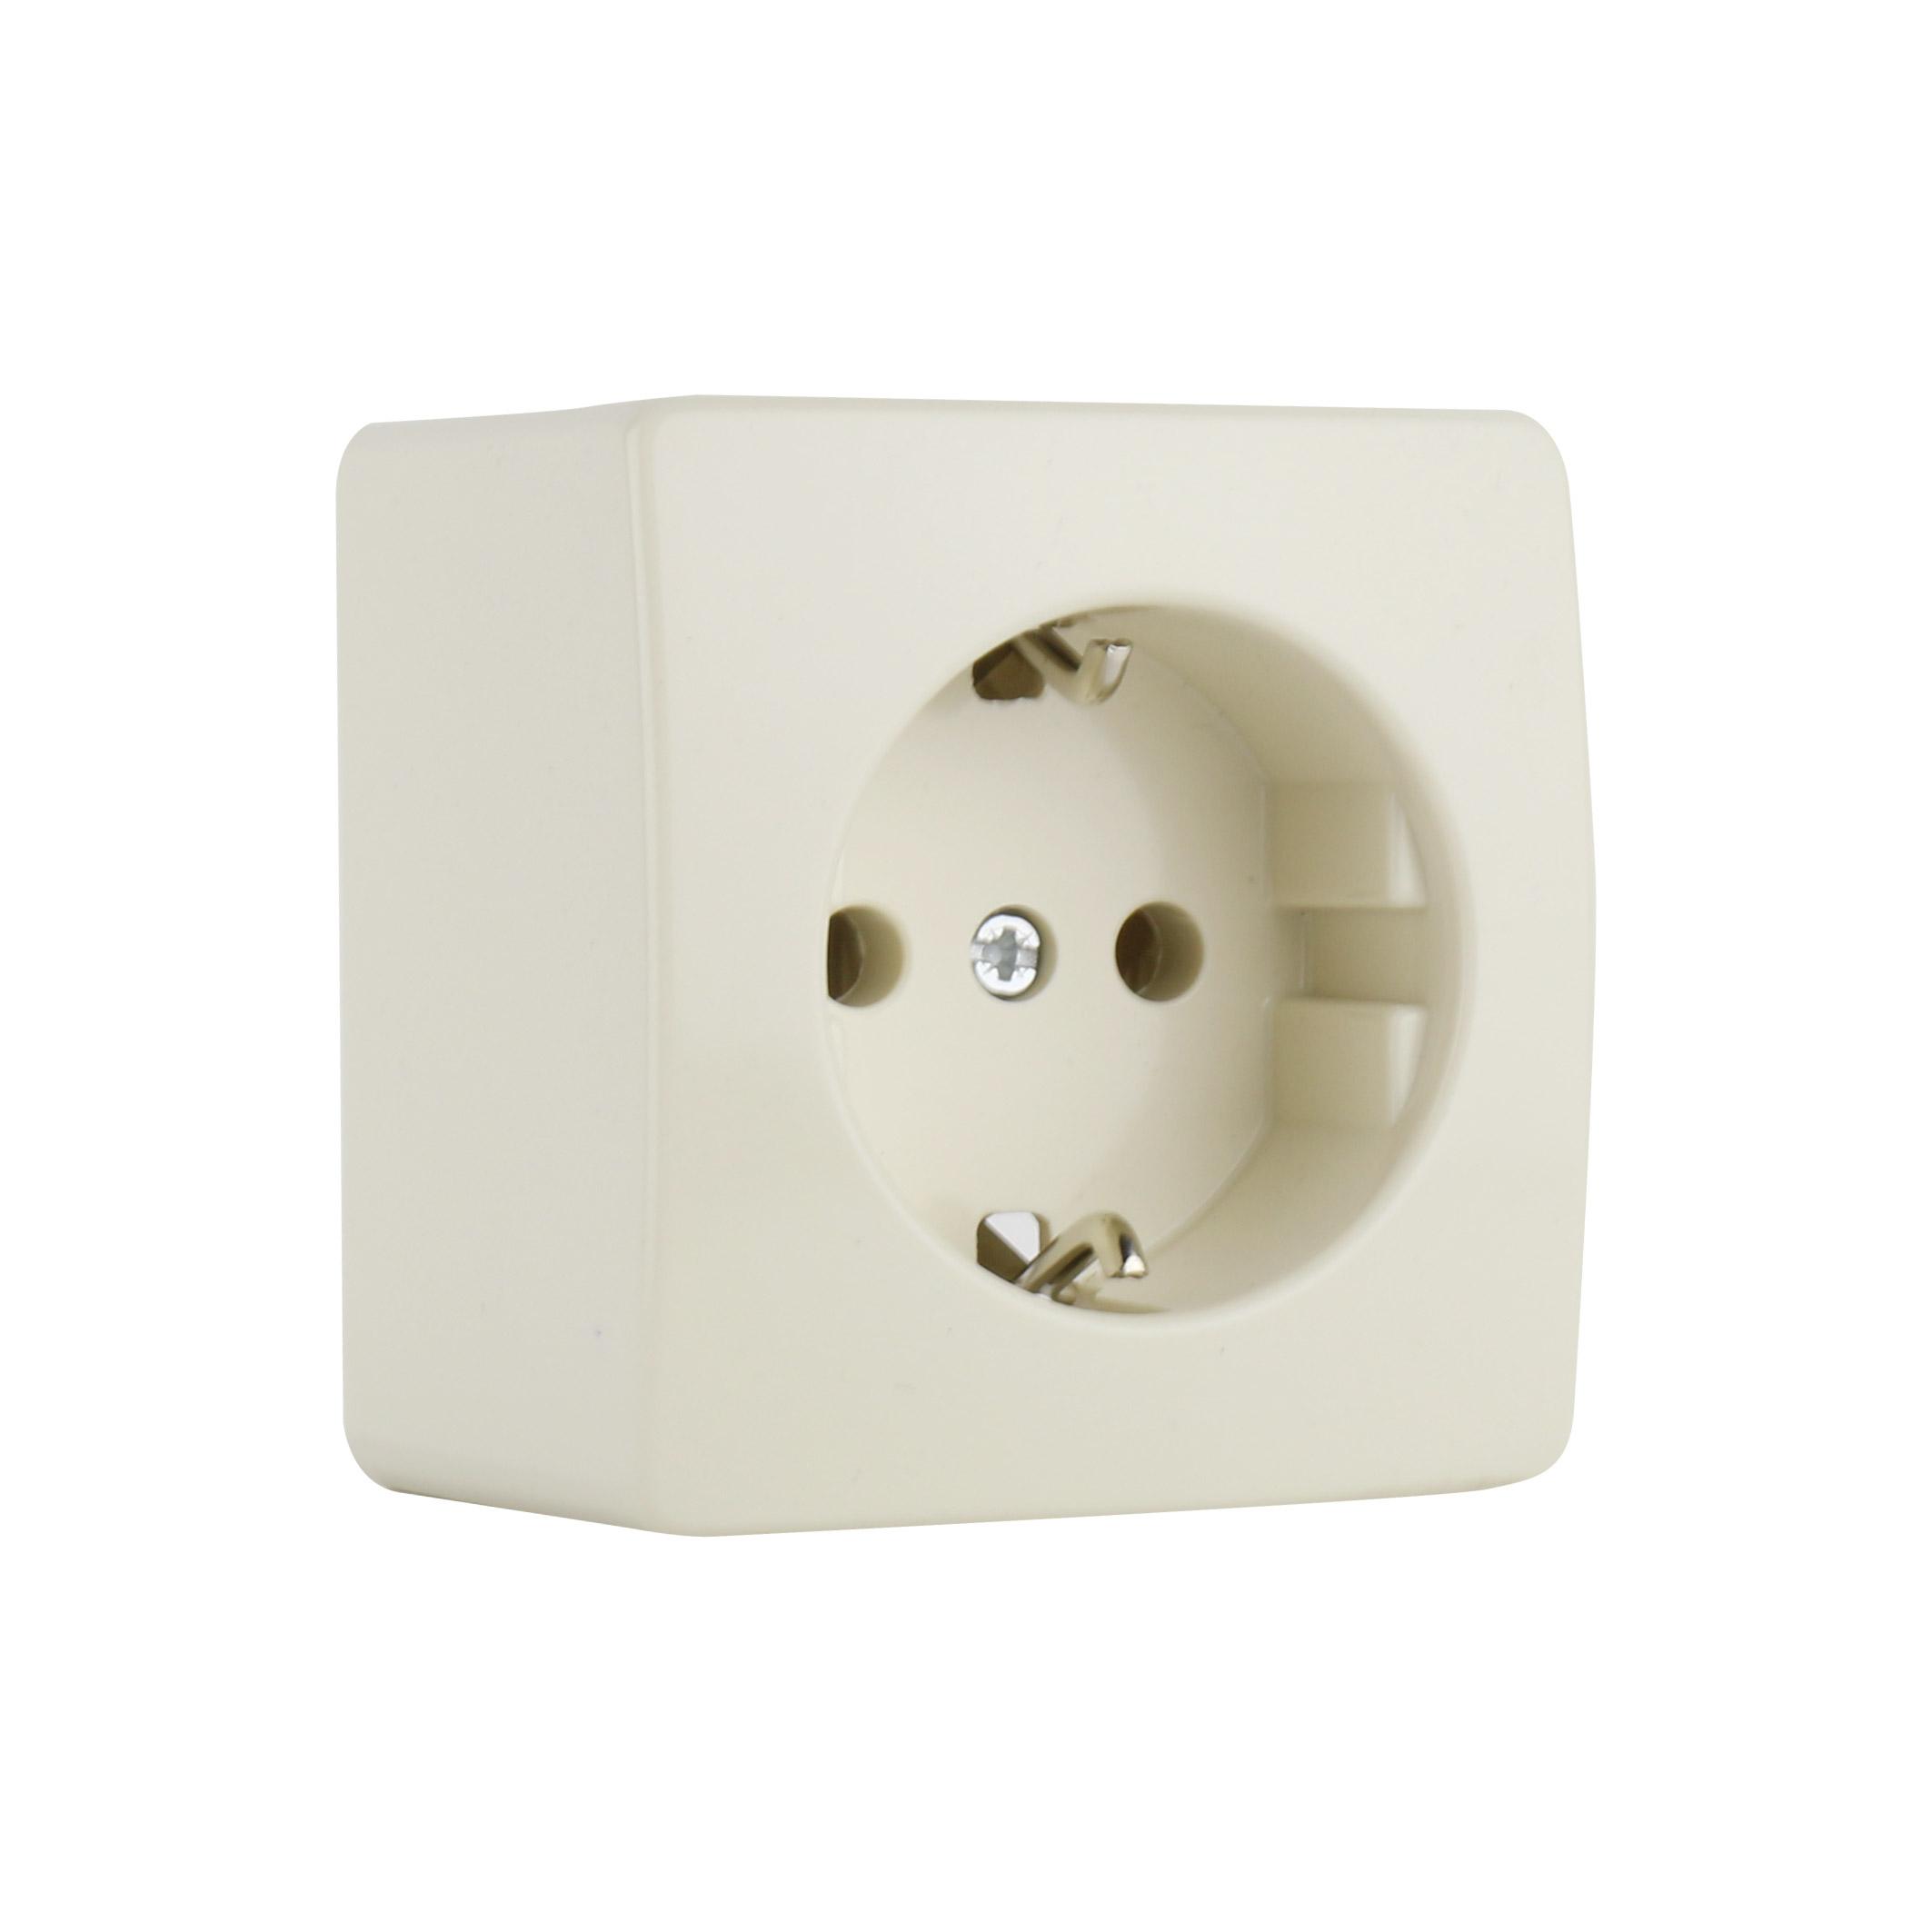 PEHA opbouw stopcontact met randaarde 1 voudig - crème wit (H 6600 V)